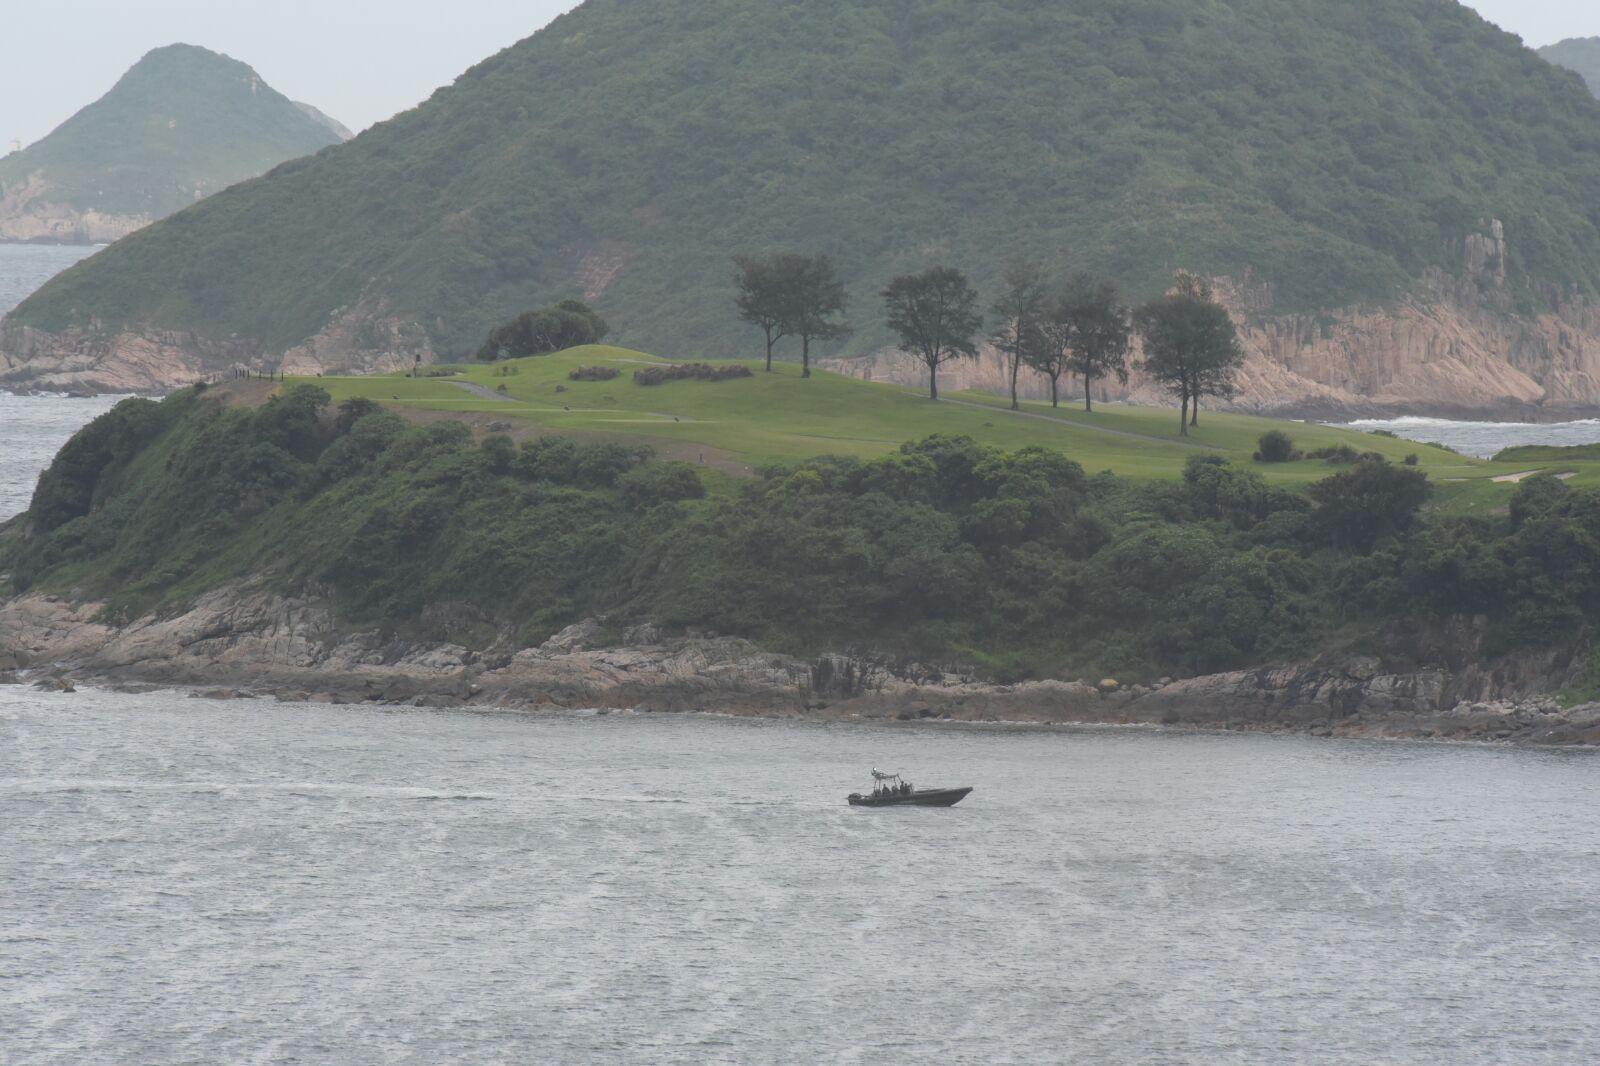 水警現場水域戒備。  黃文威攝